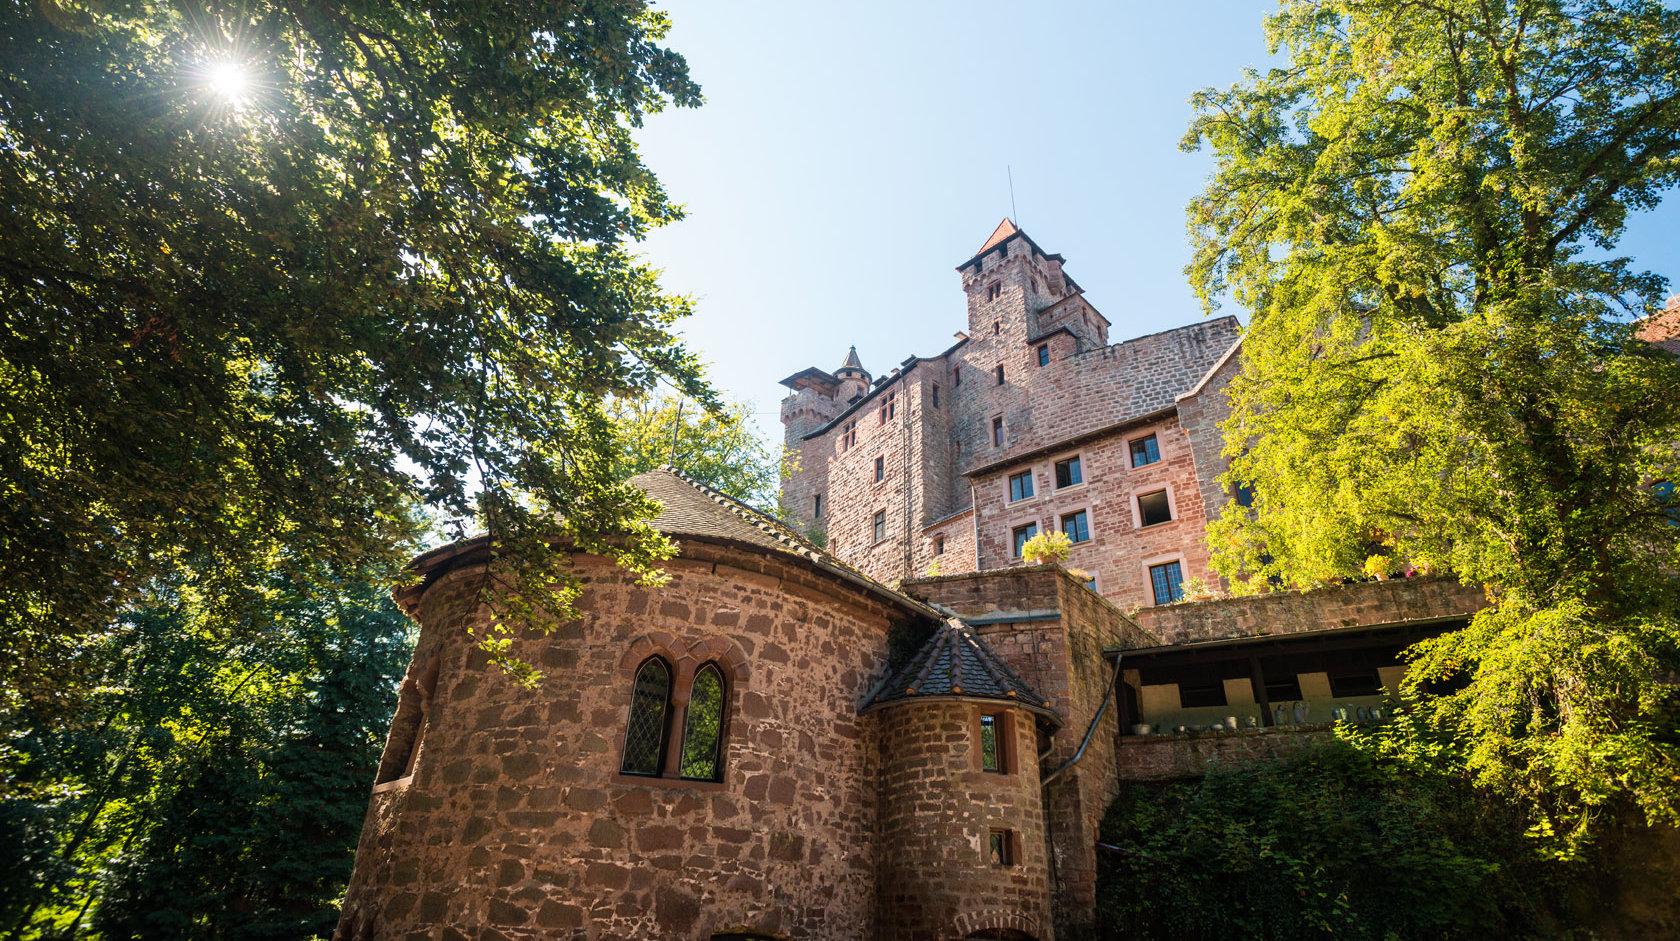 Außenansicht der Burg Berwartstein in Erlenbach bei Dahn, Pfalz